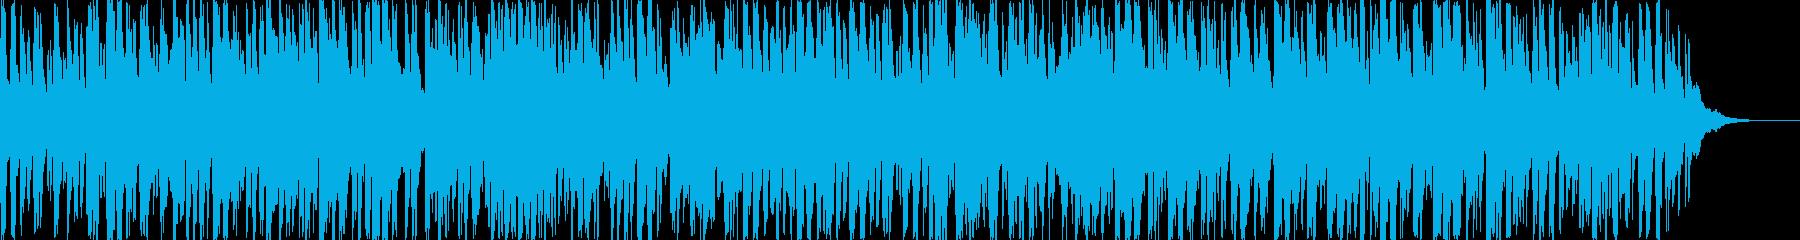 ダークなムード、ファンタジー系サウンドの再生済みの波形